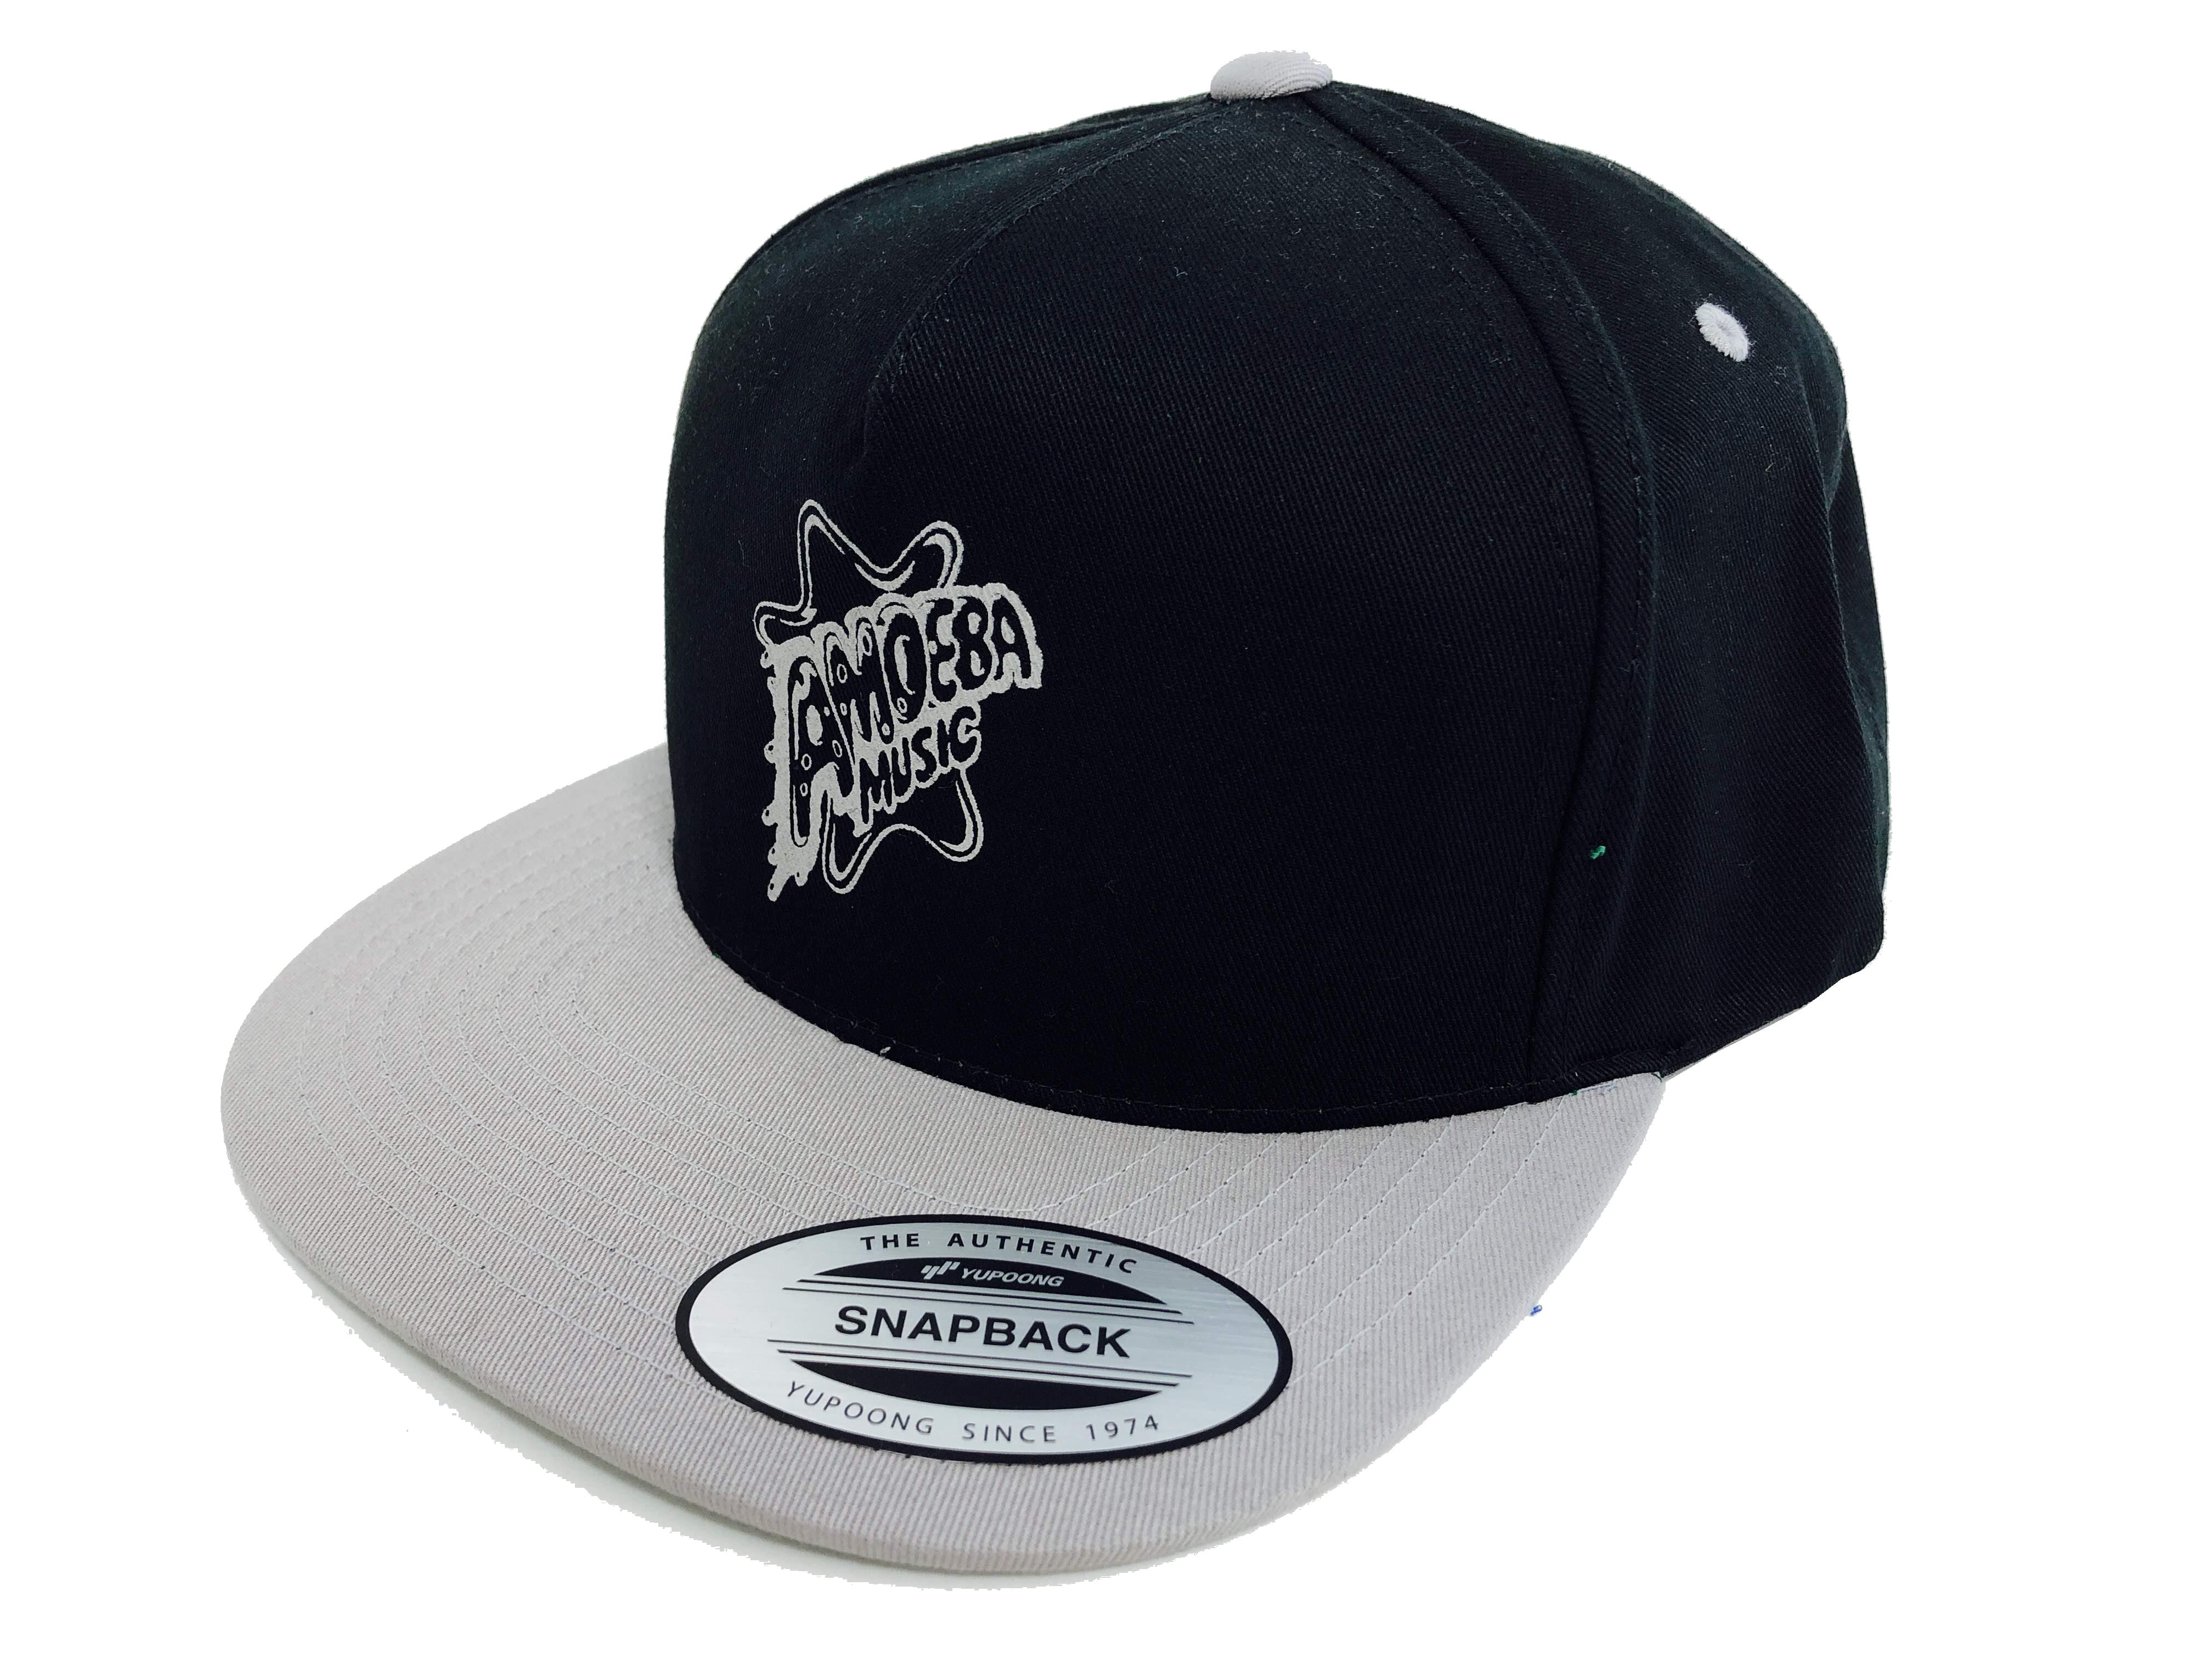 品番0127 アメーバミュージック スナップバックキャップ ブラック×グレー UV 紫外線 アメリカン雑貨 新品雑貨